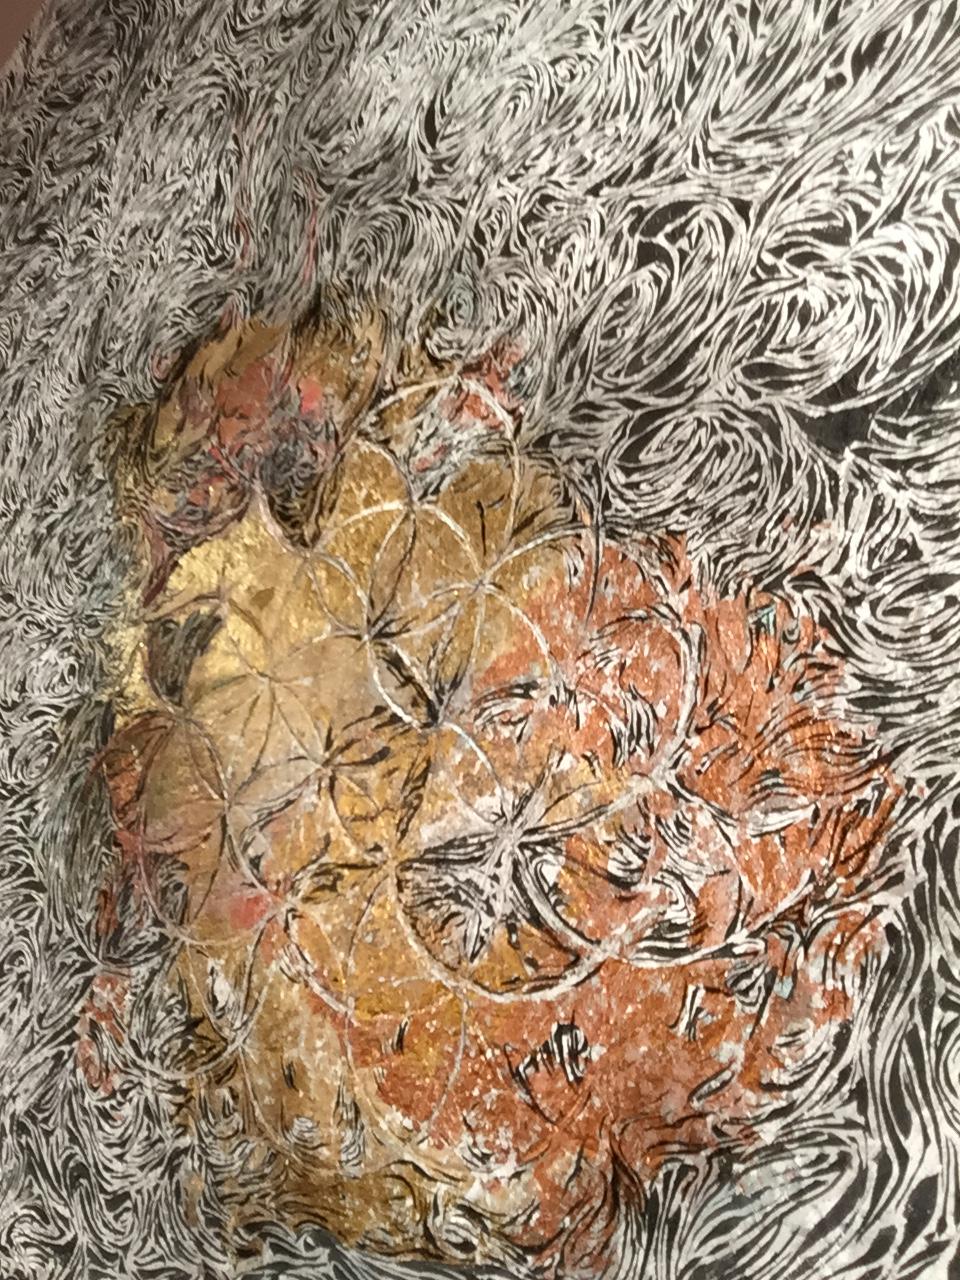 nathalie bergiers artworks 2014 @ hugo neumann brussels 4